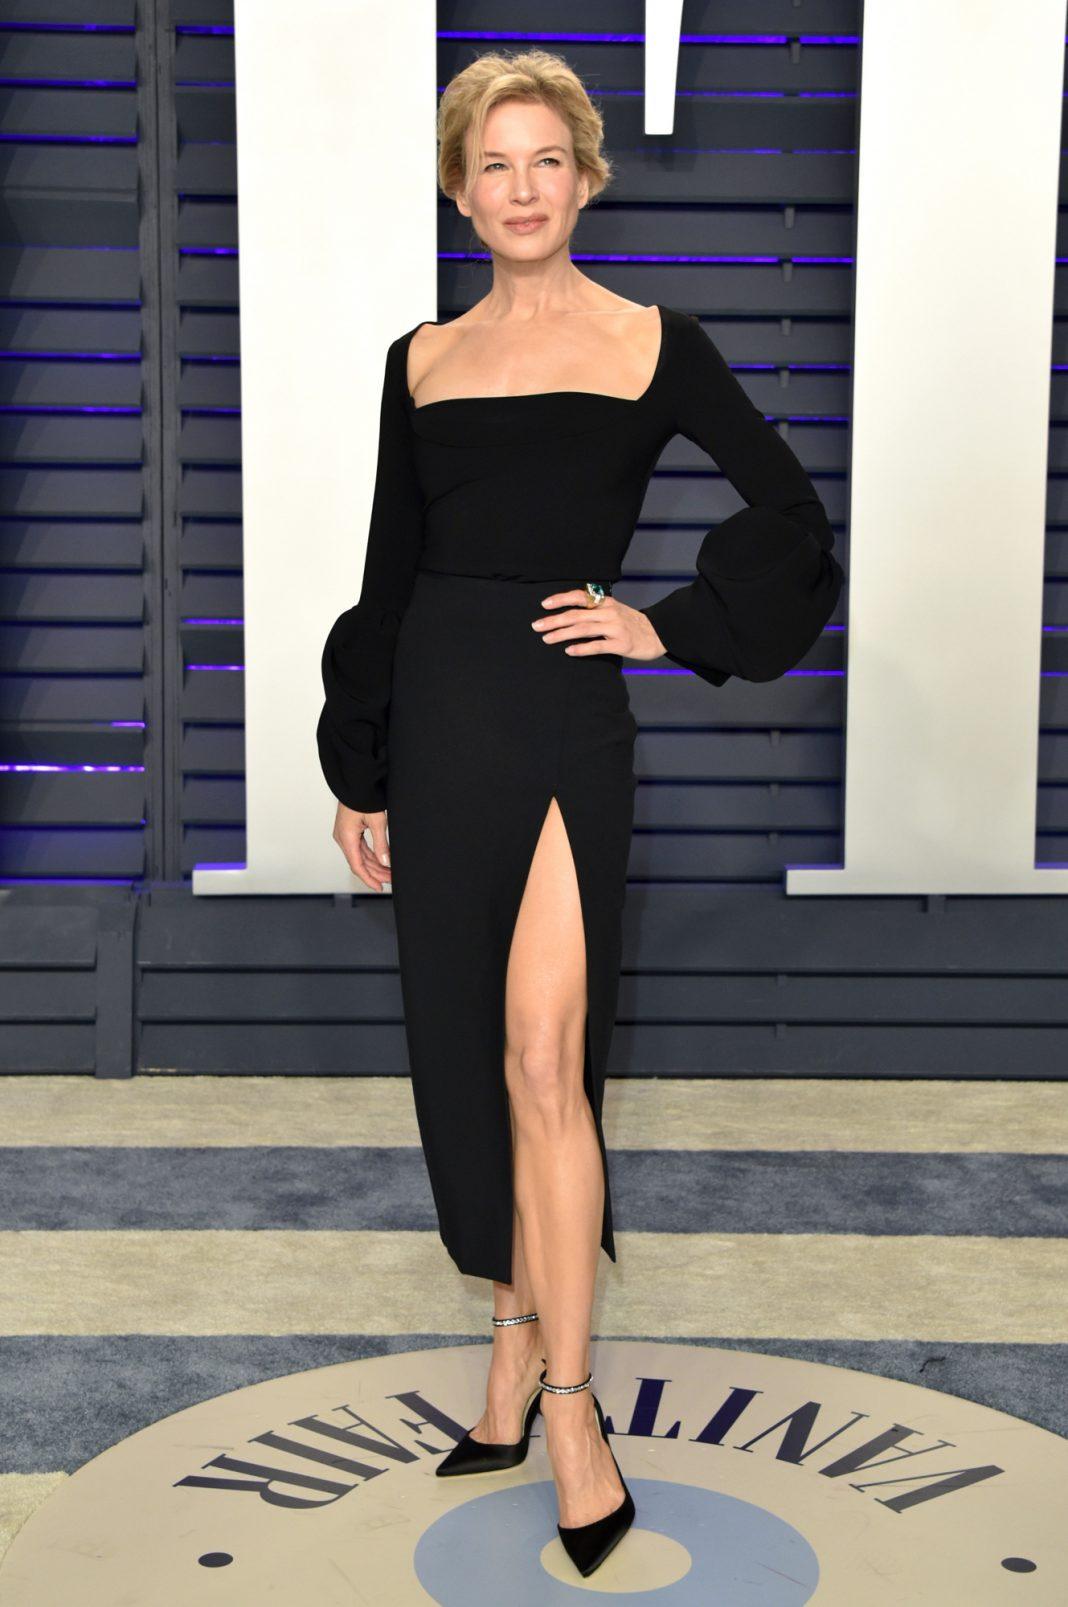 Renee Zellweger agrees to star in Bridget Jones's Diary 4 ...